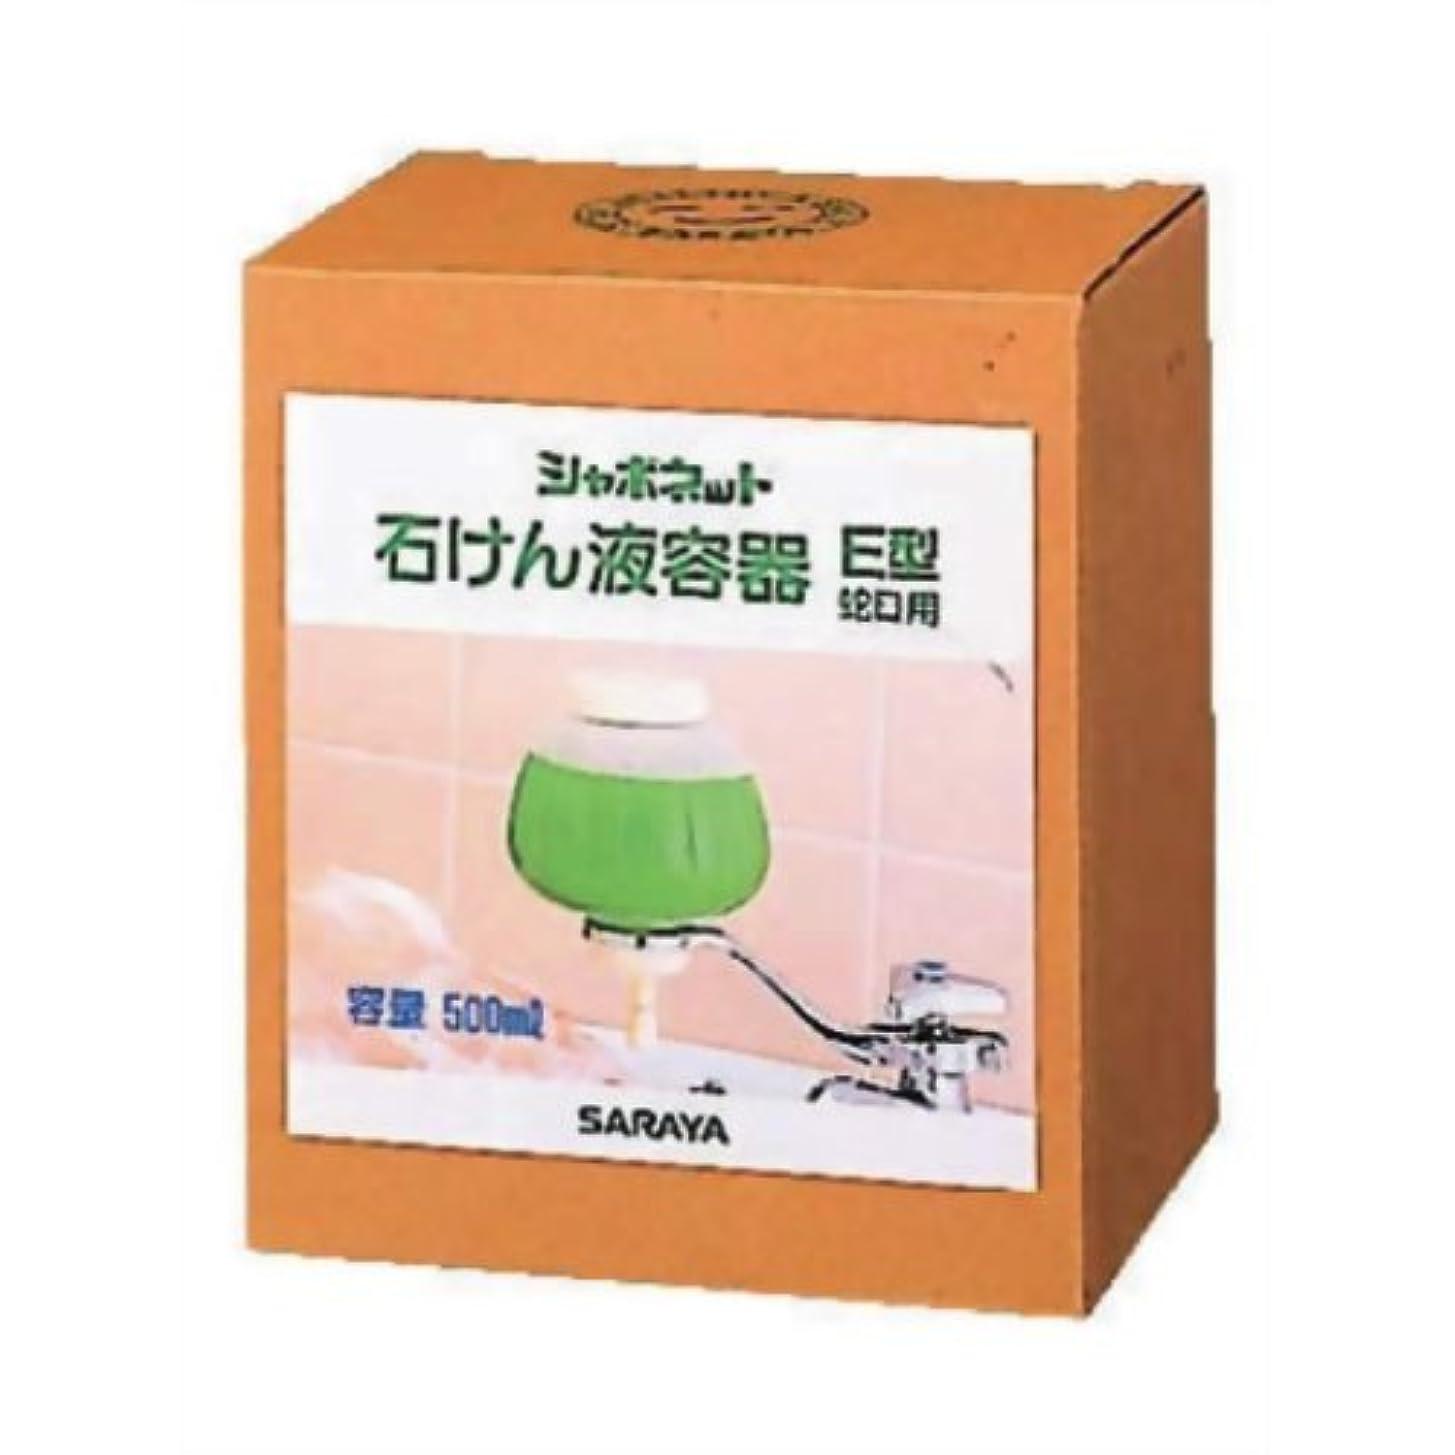 半ば中間ブローシャボネット石鹸液容器 500mLE型蛇口用 21450/63828559 サラヤ